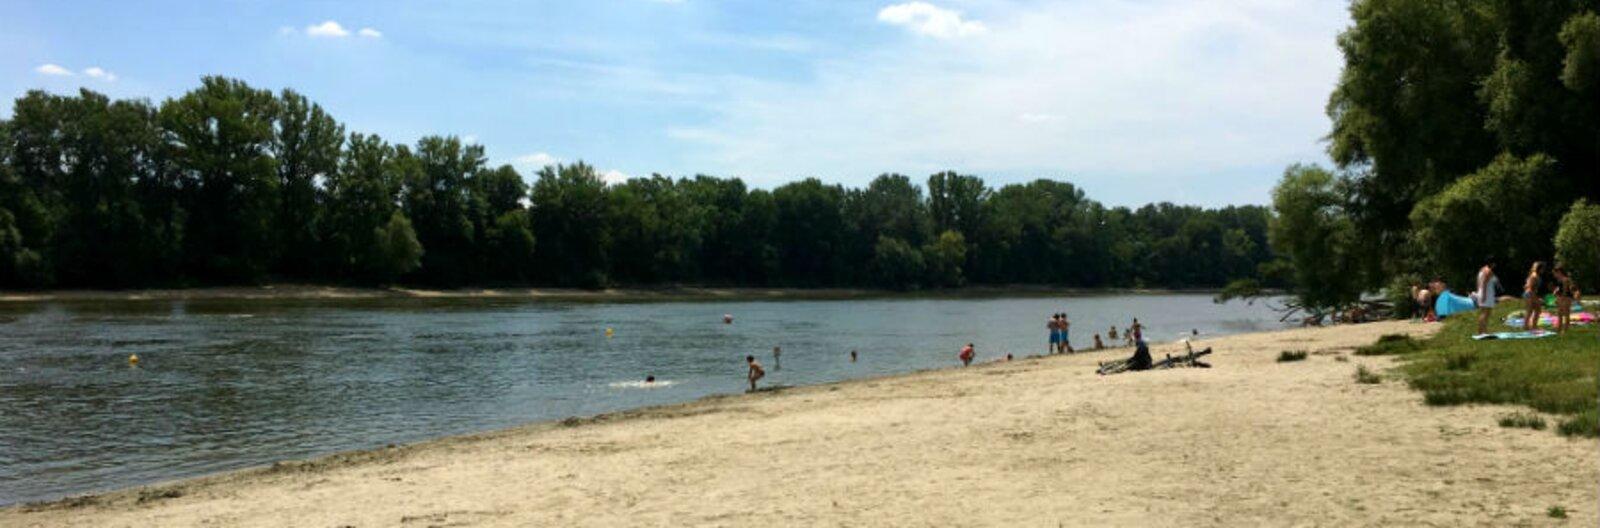 10 best spots for waterside fun on the Danube Bend